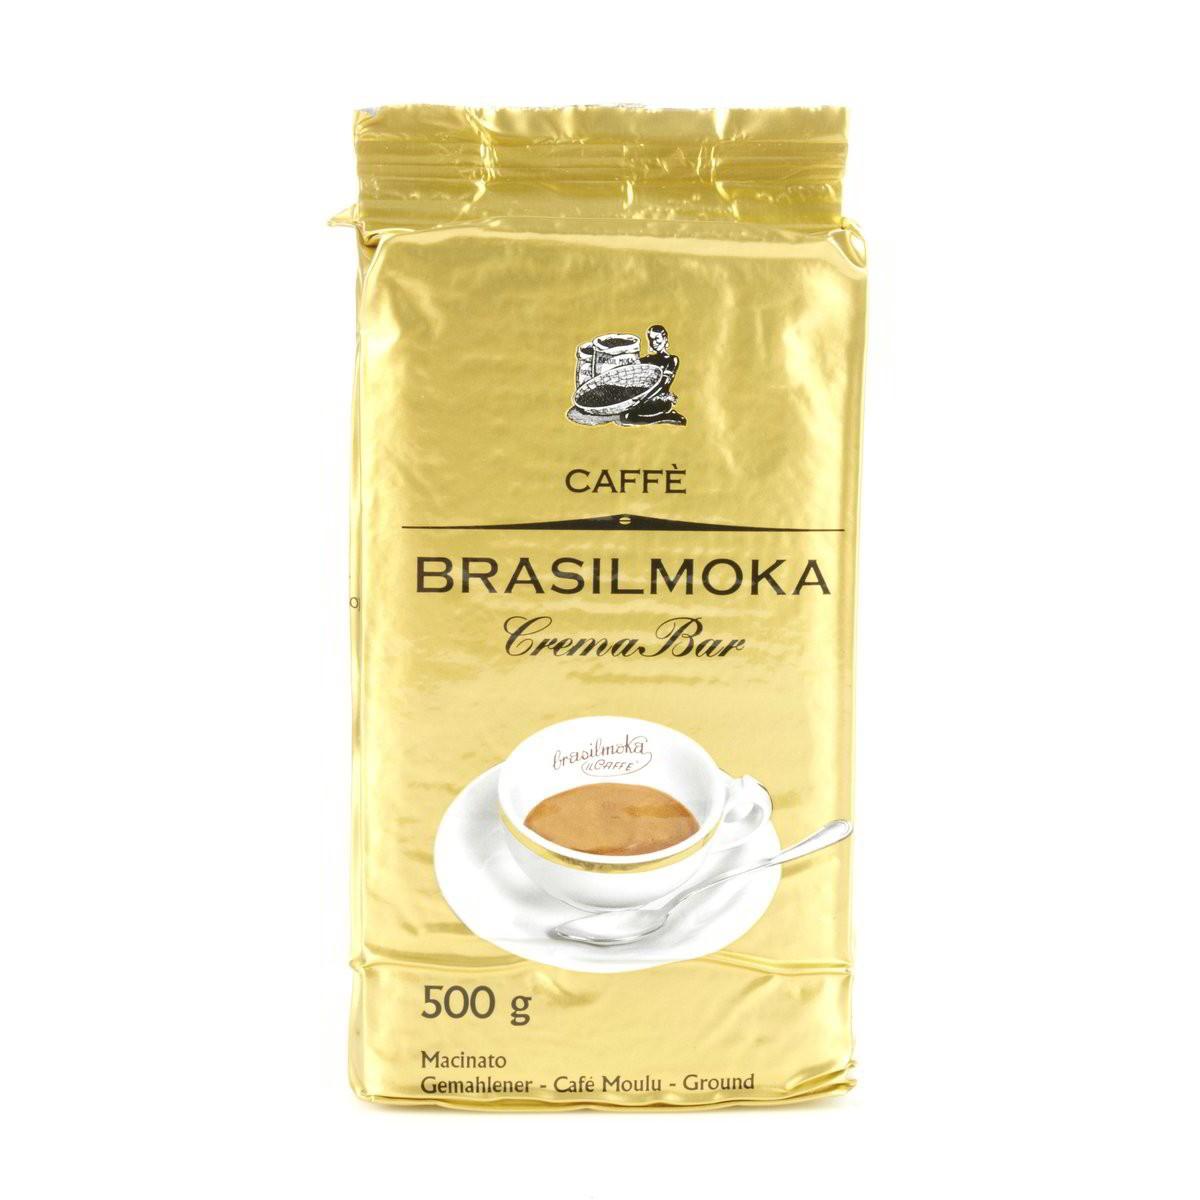 Brasilmoka Caffè macinato Crema Bar